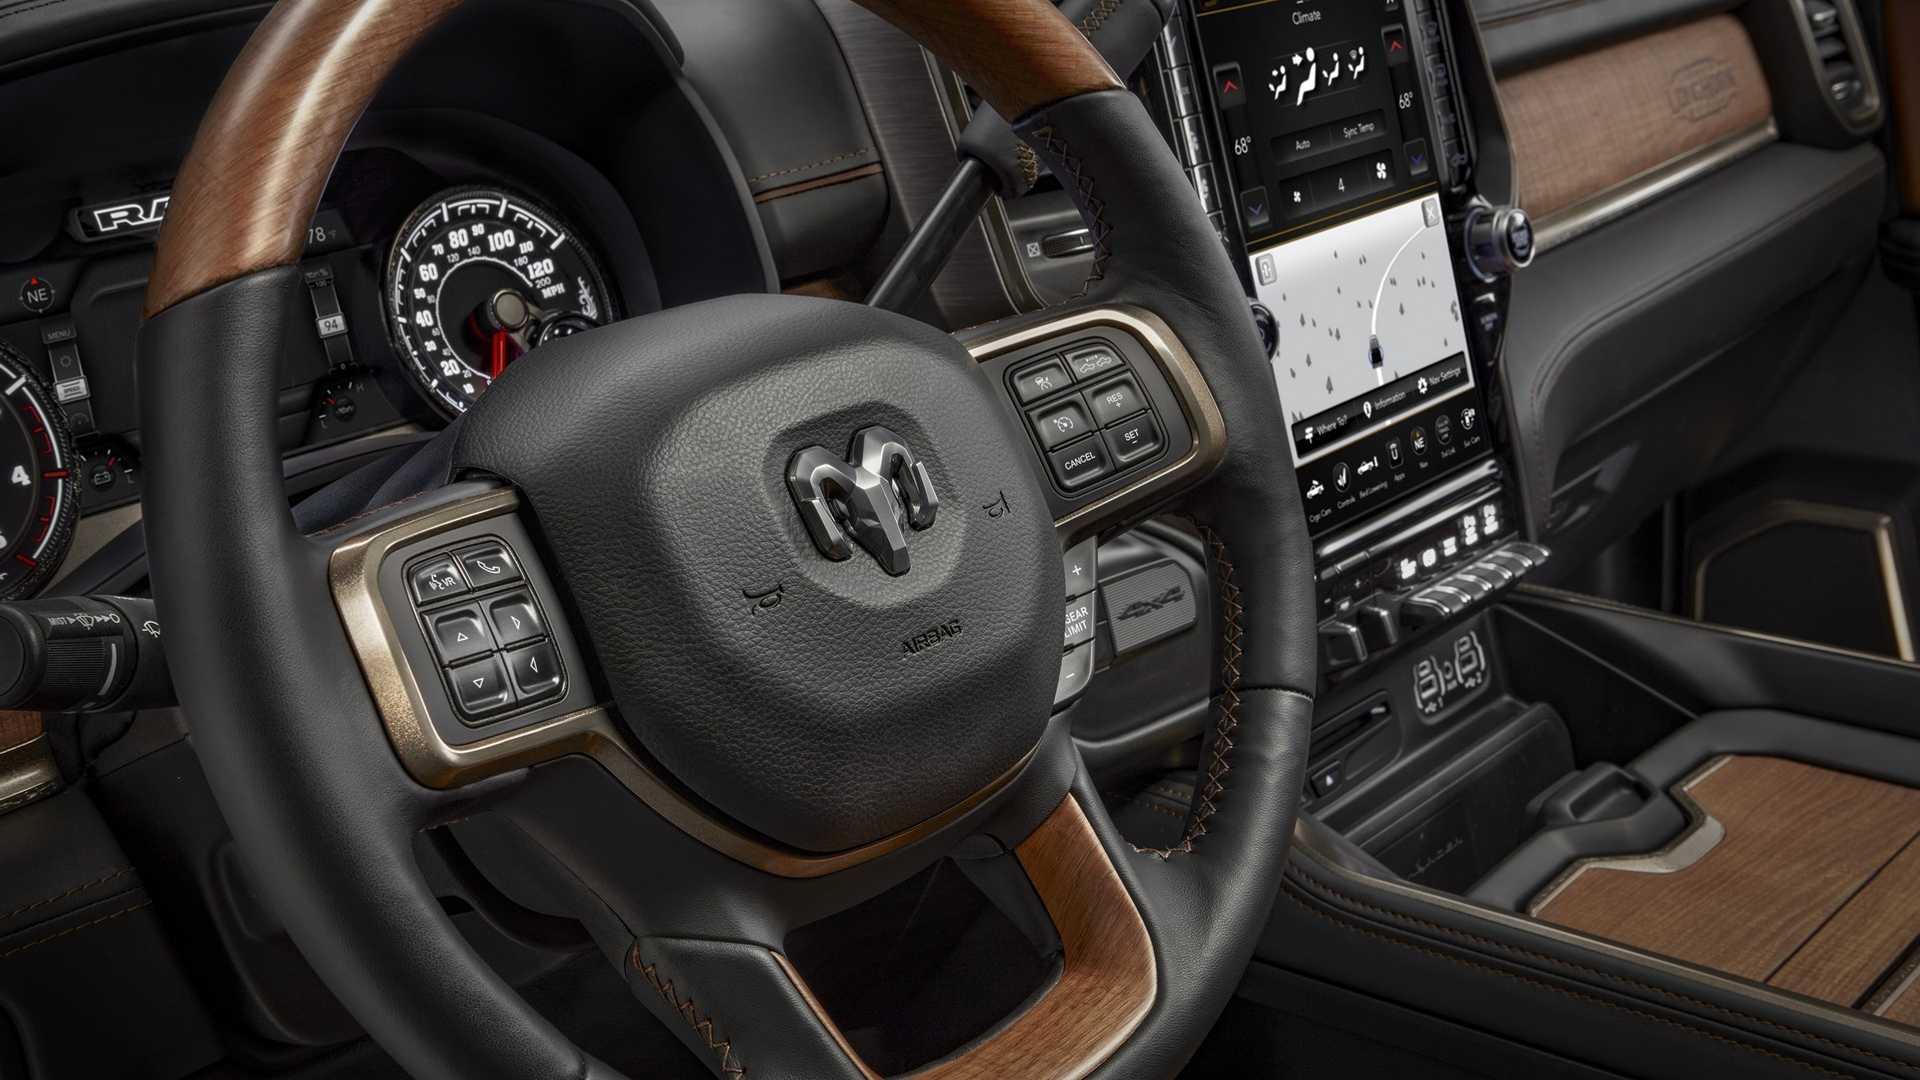 2019-ram-heavy-duty-interior (70)